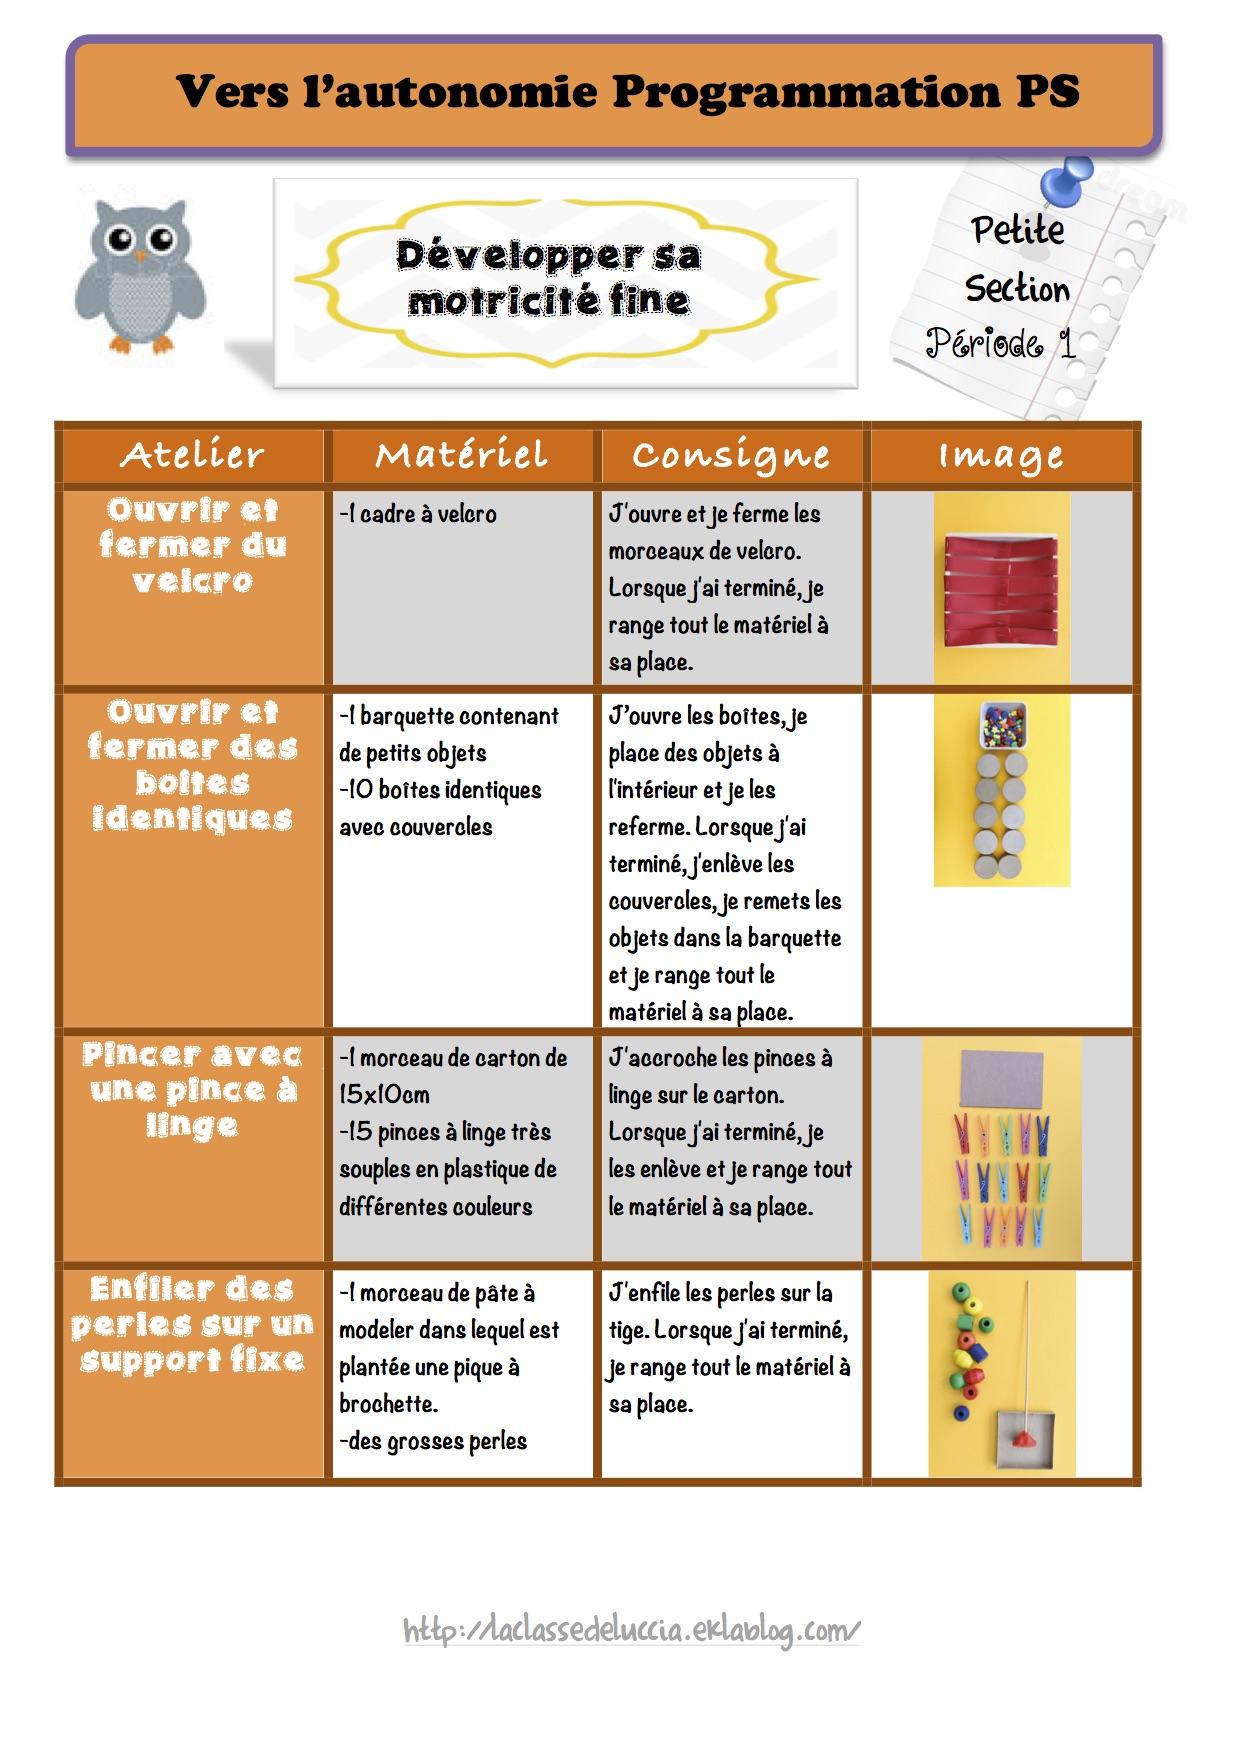 Progressions Vers L'autonomie Petite Section P1 - La Classe intérieur Jeux En Ligne Maternelle Petite Section